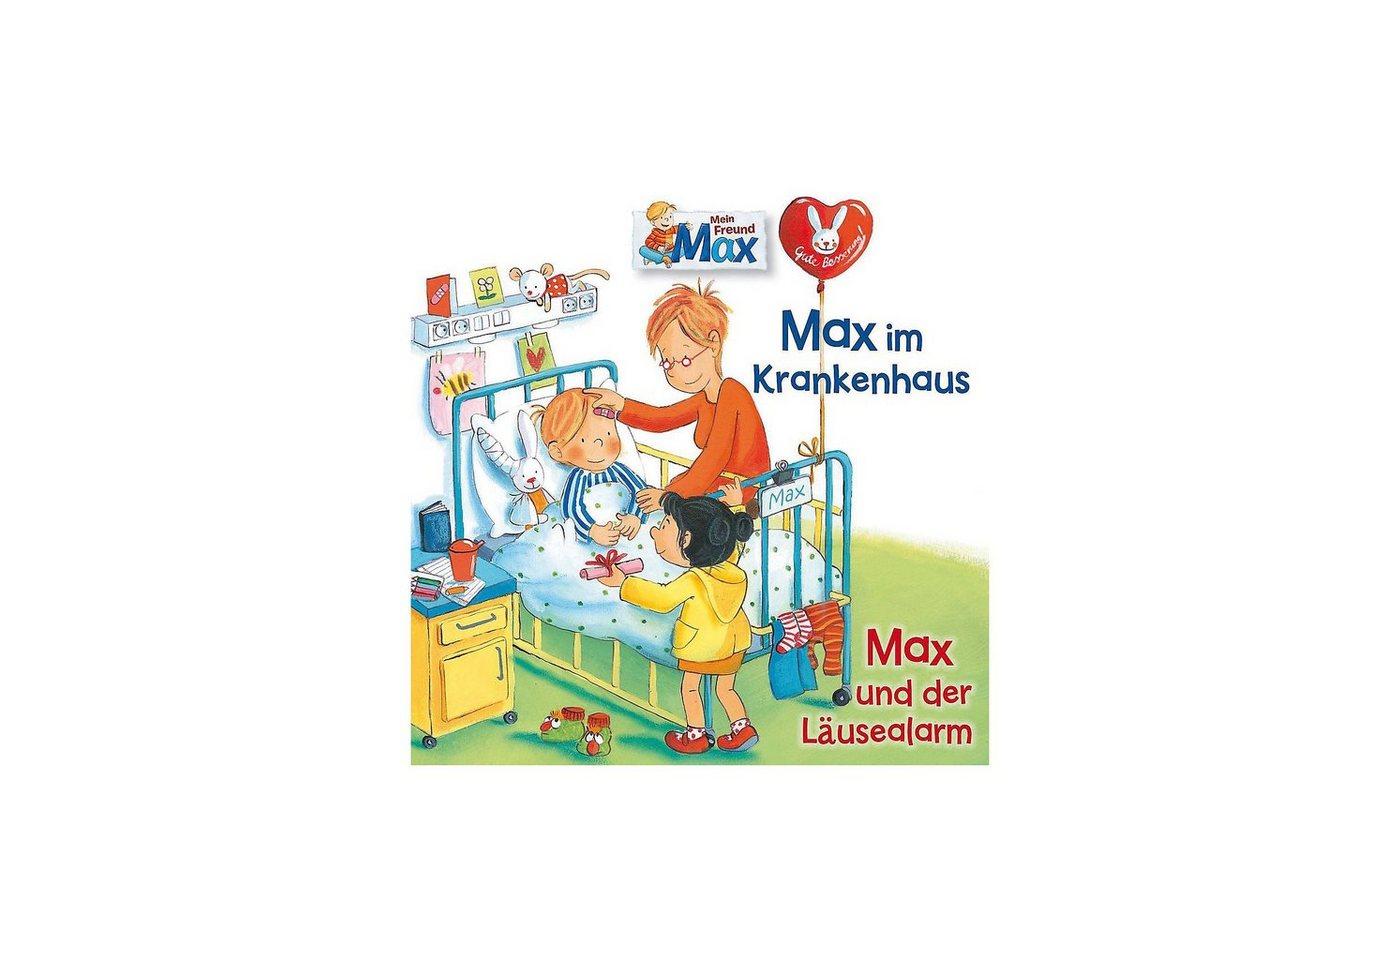 Universal CD Max 15 - Im Krankenhaus / Der Läusealarm